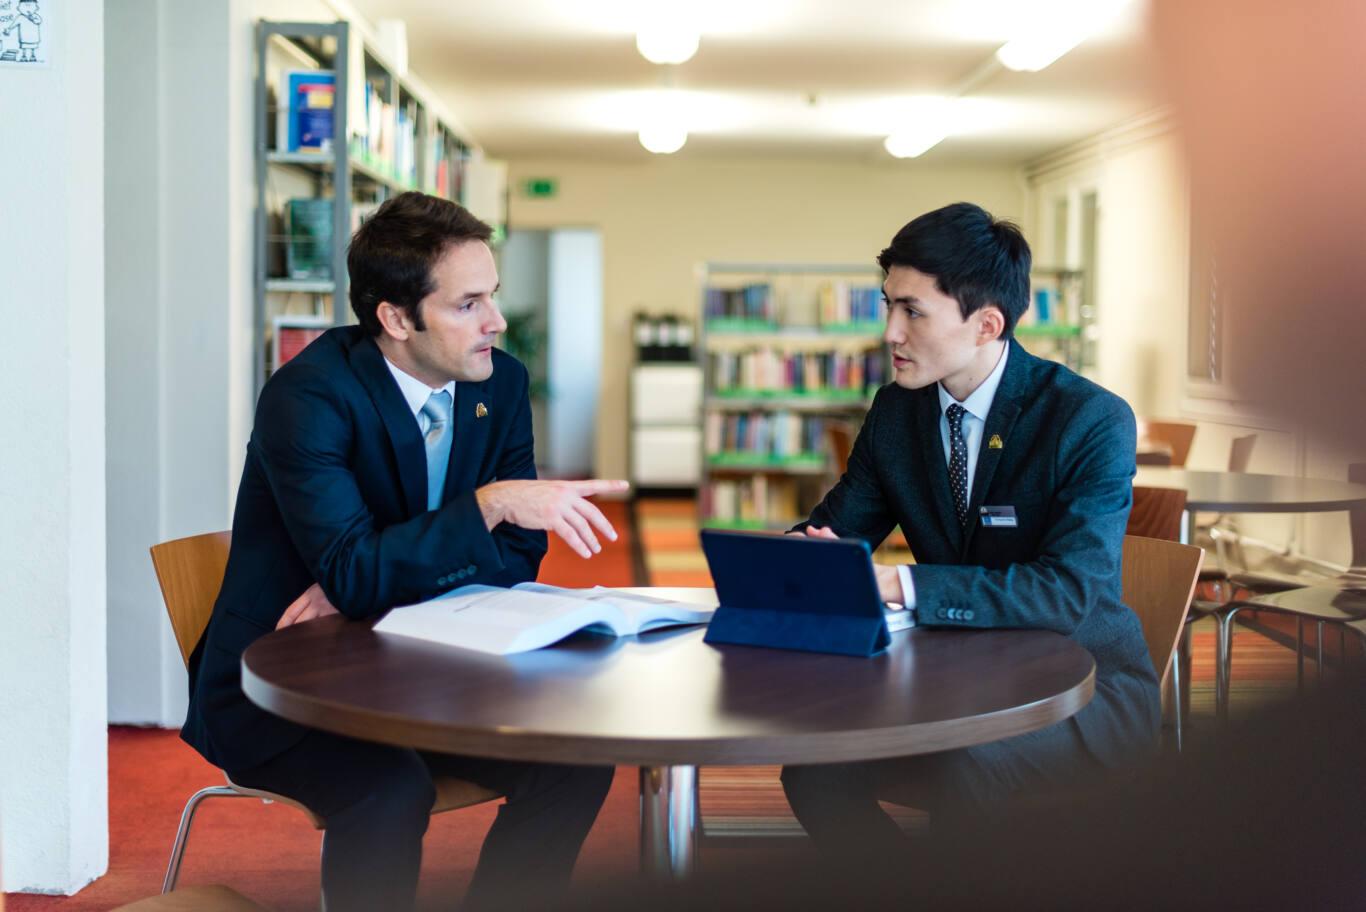 Erhvervsøkonomi og management - Master